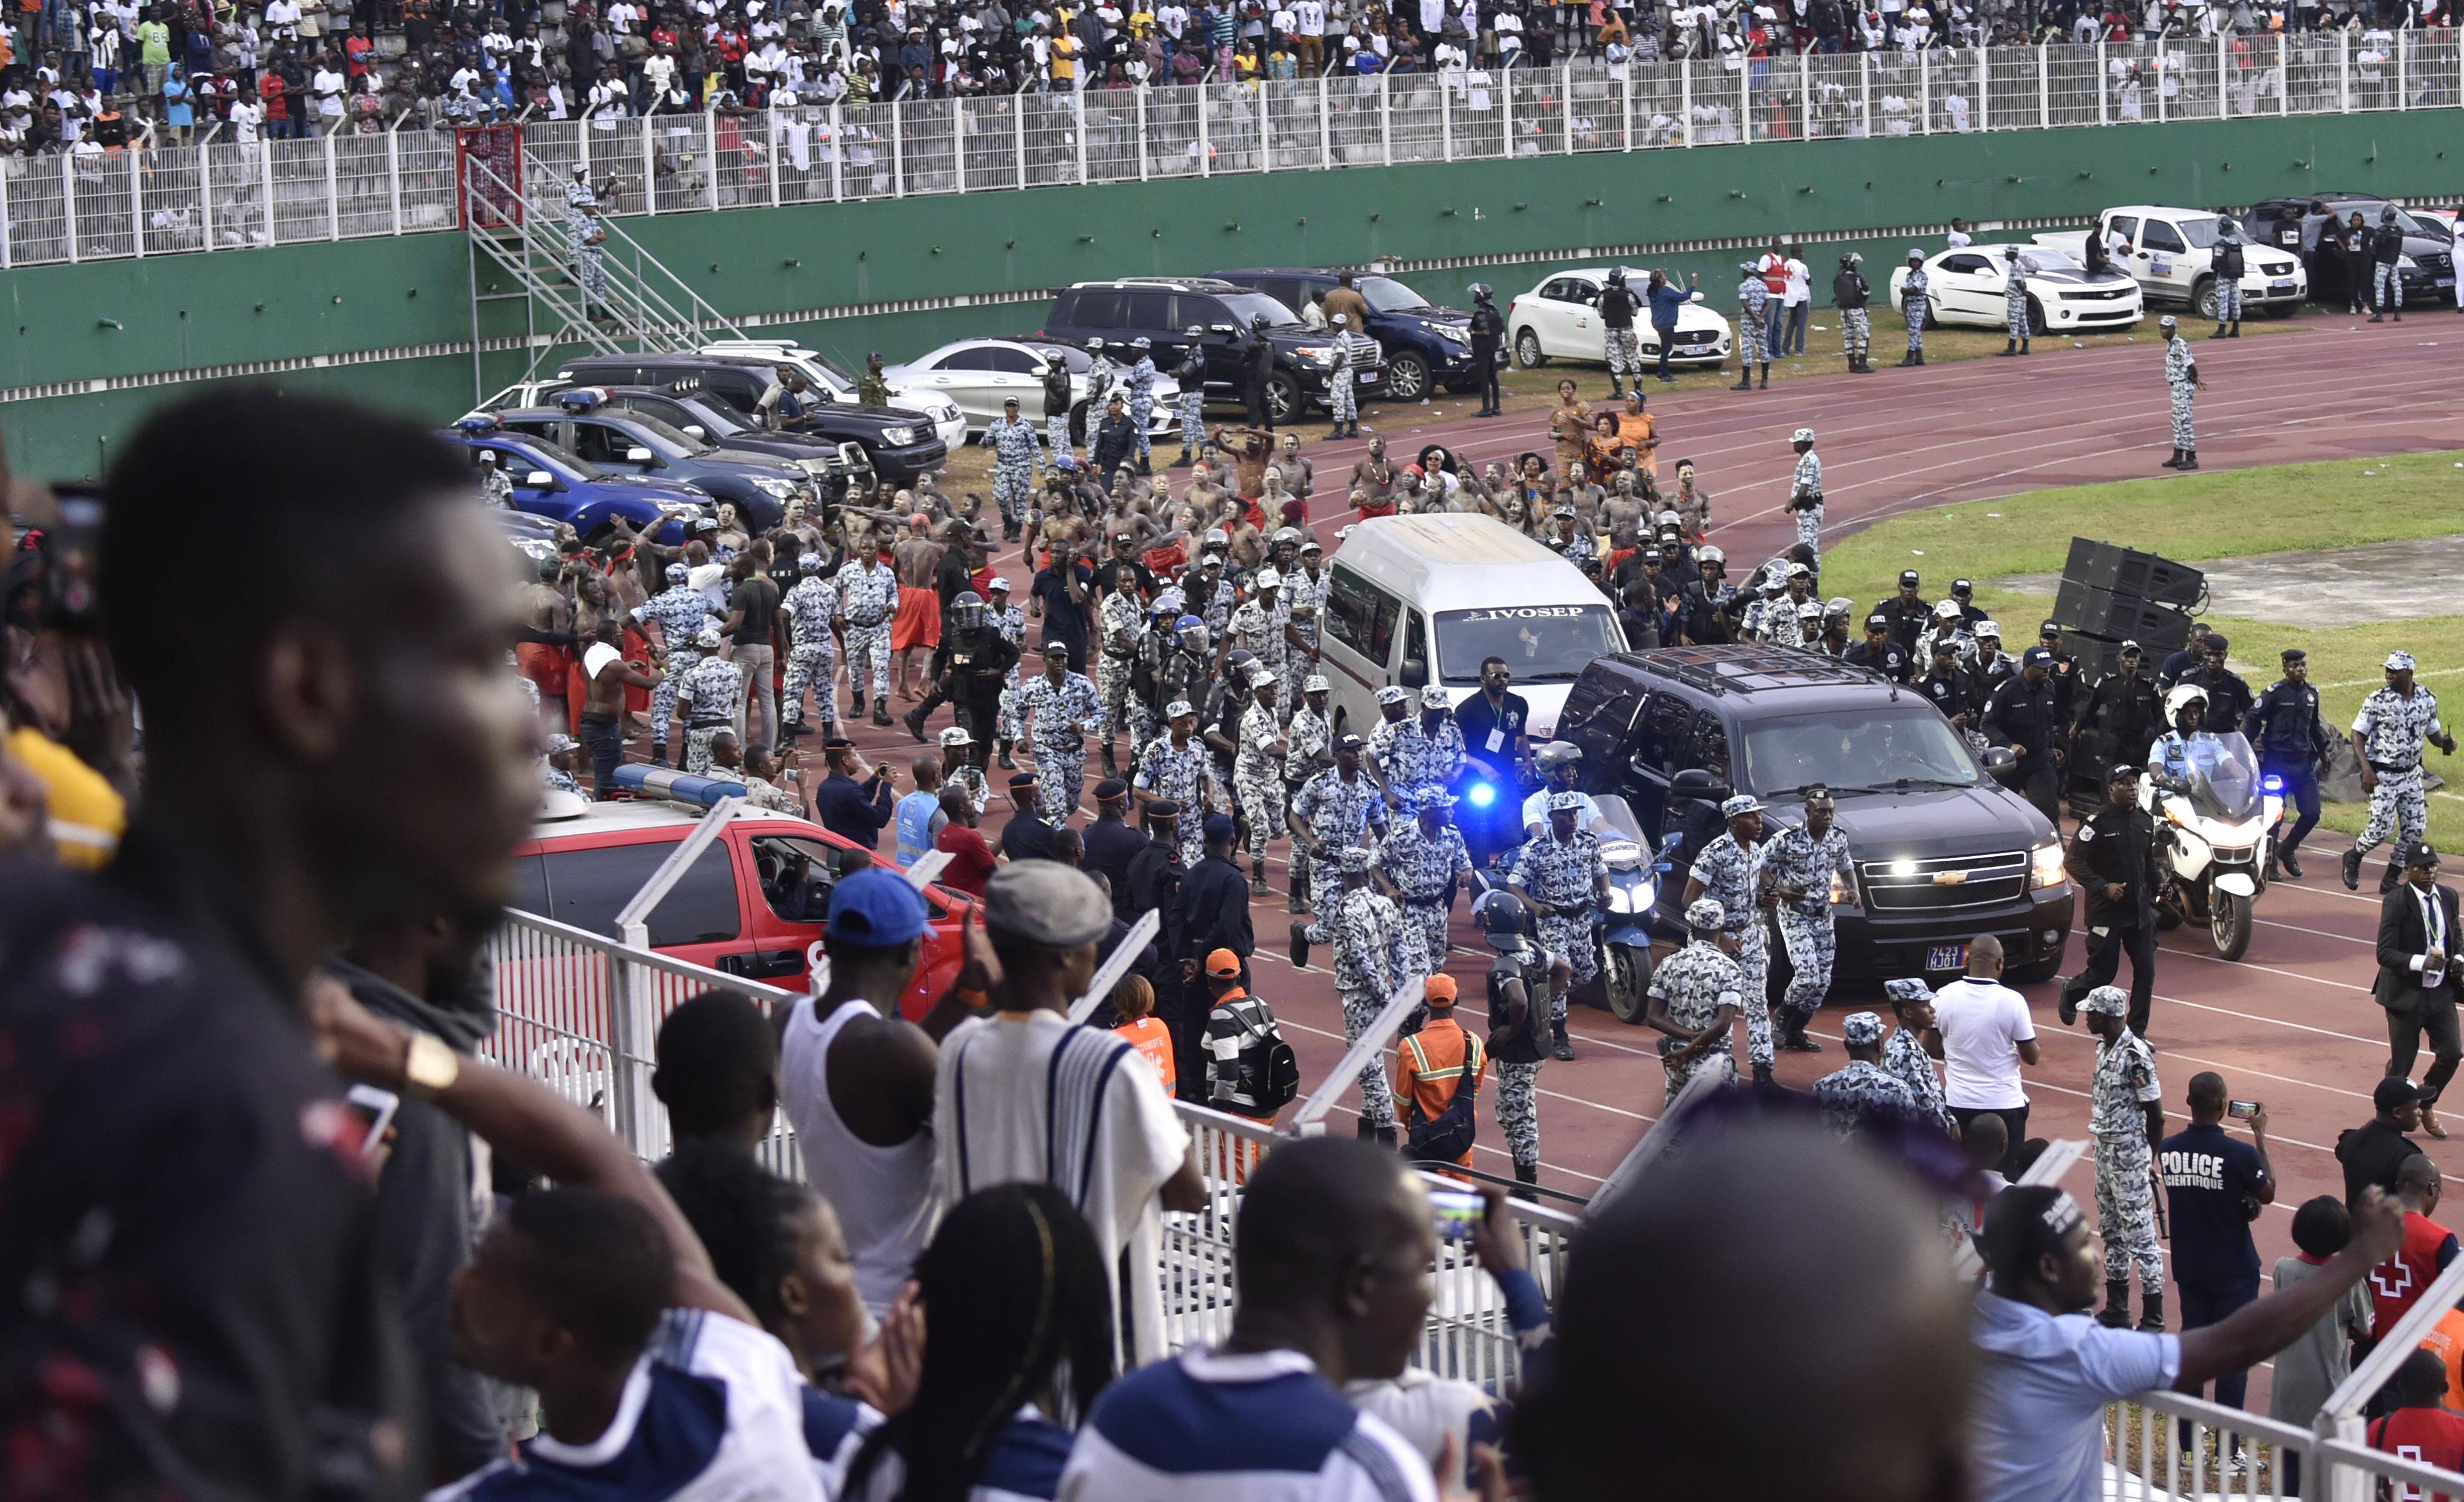 Des policiers ivoiriens escortent le corbillard transportant le corps de DJ Arafat, à son arrivée au stade Félix Houphouët-Boigny d'Abidjan, le 30 août 2019.